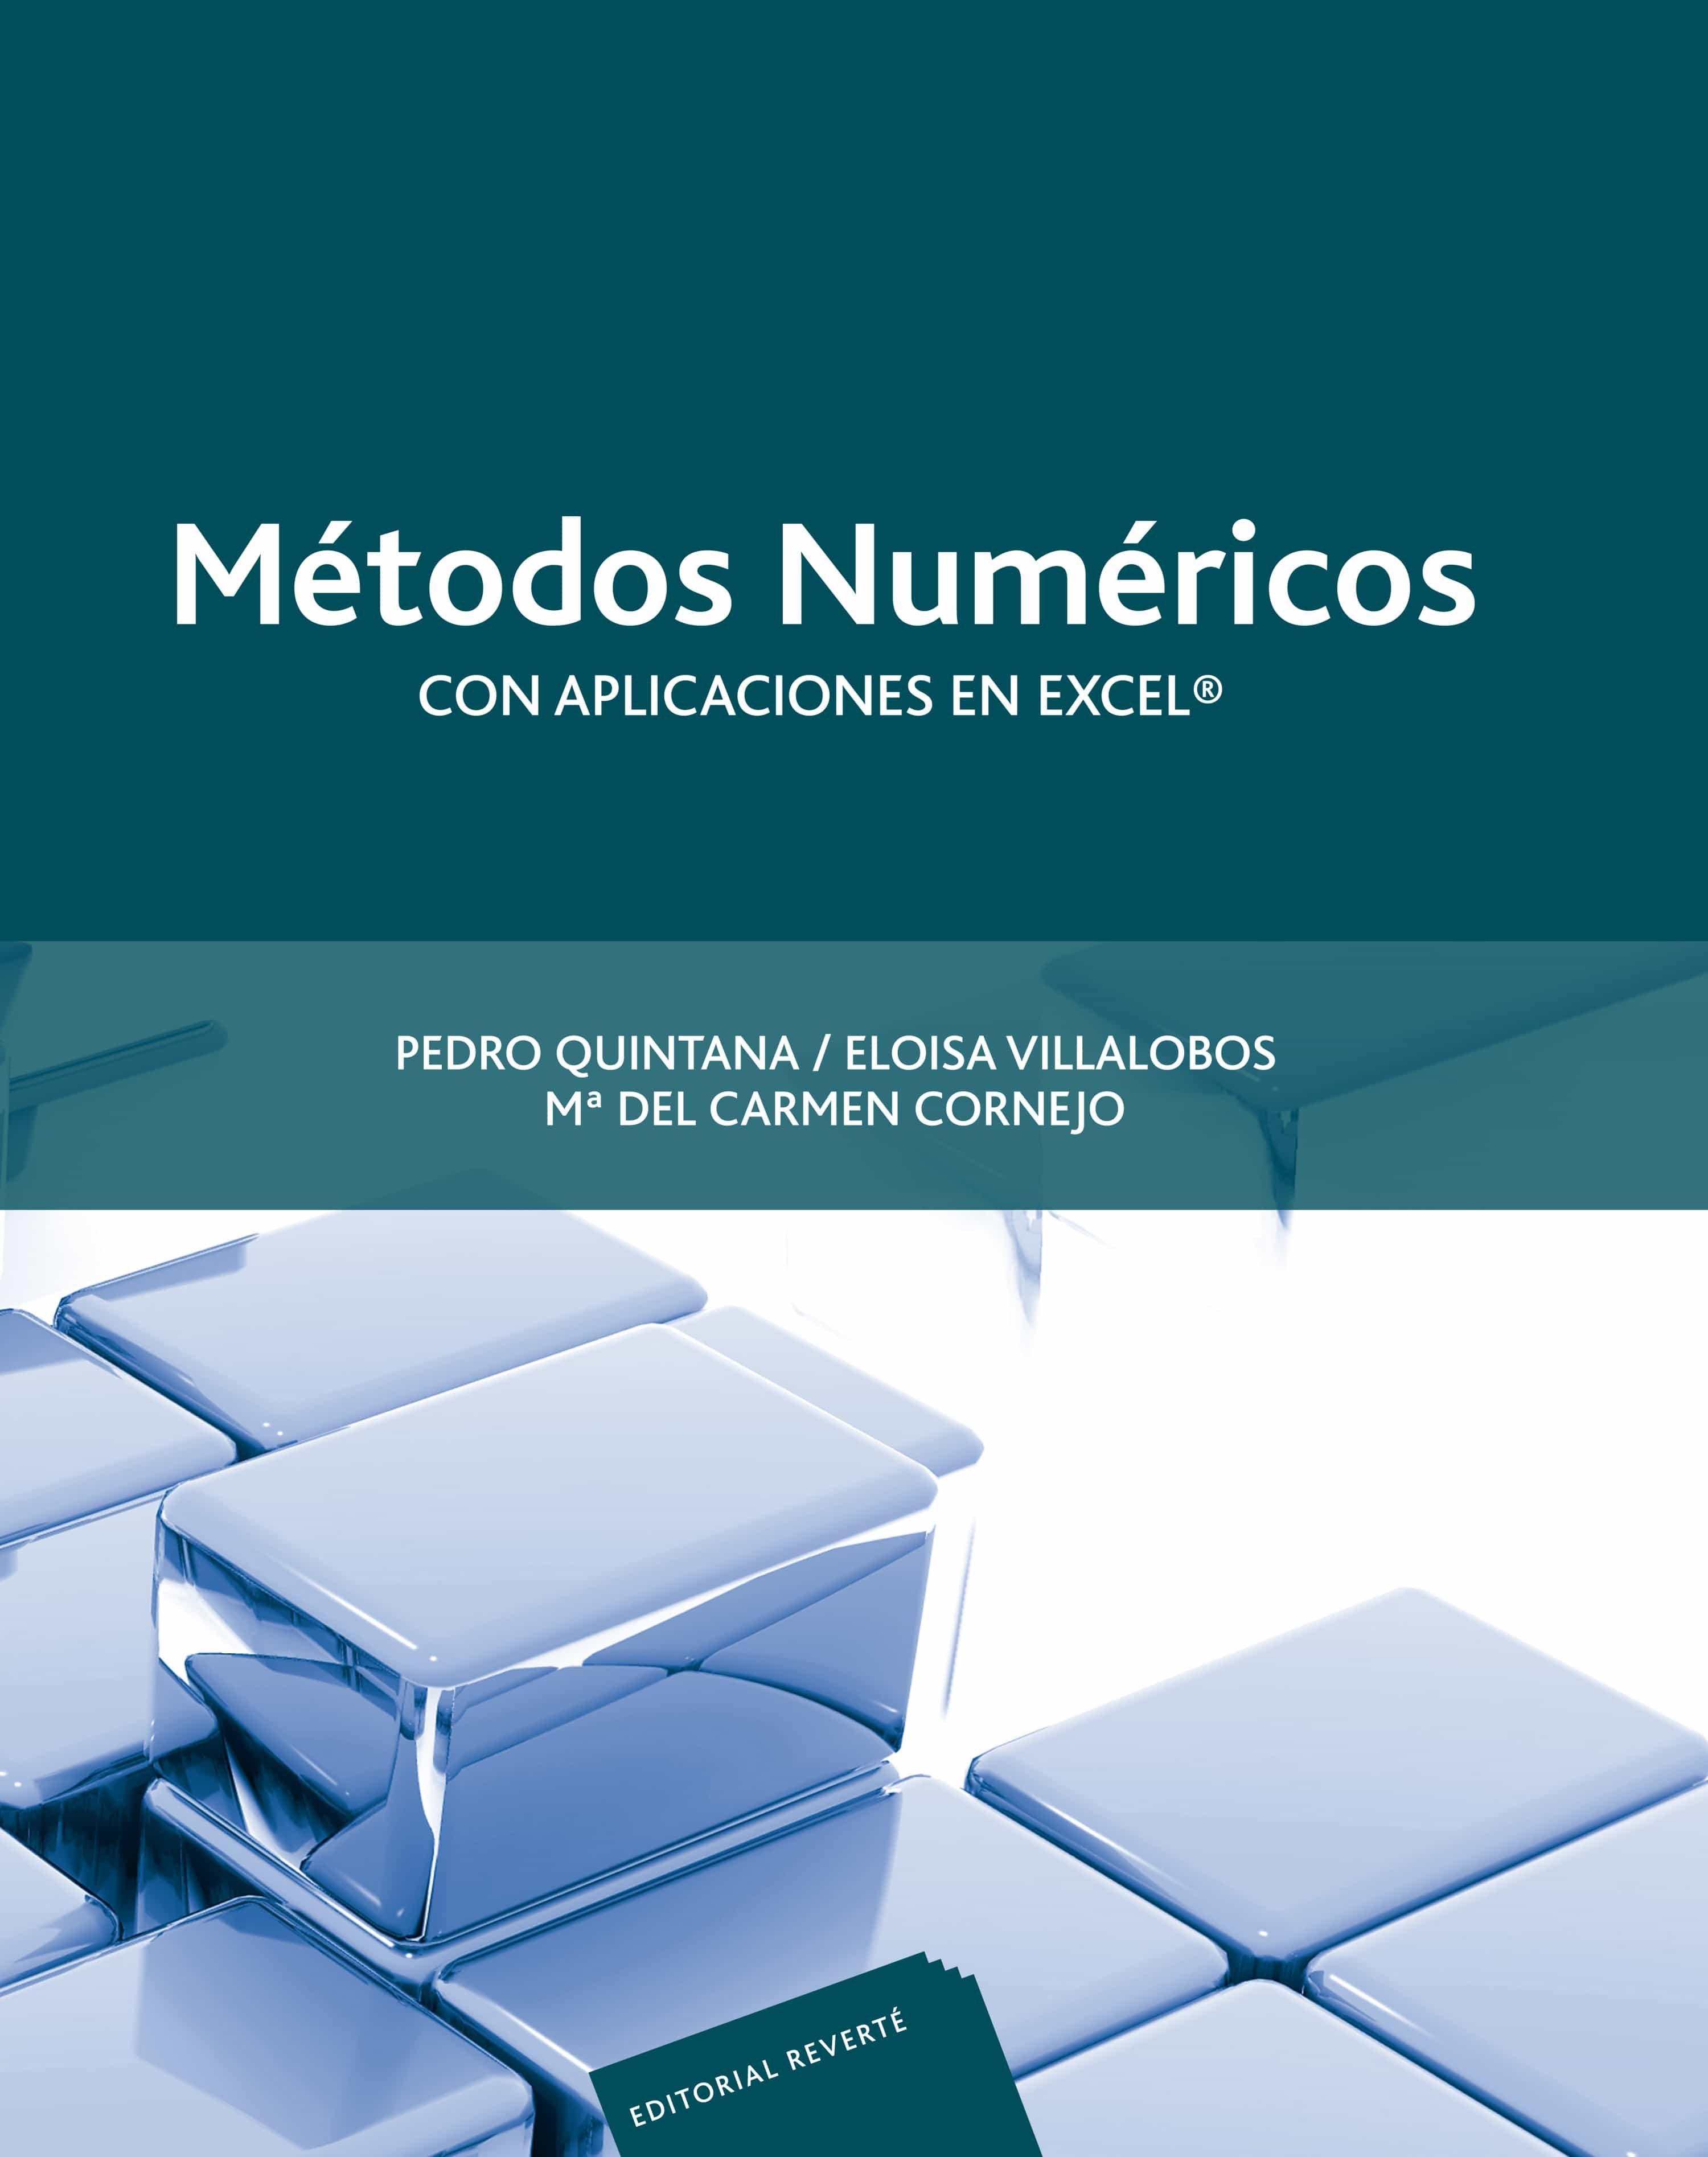 Metodos Numericos Con Aplicaciones En Excel por Pedro Quintana epub